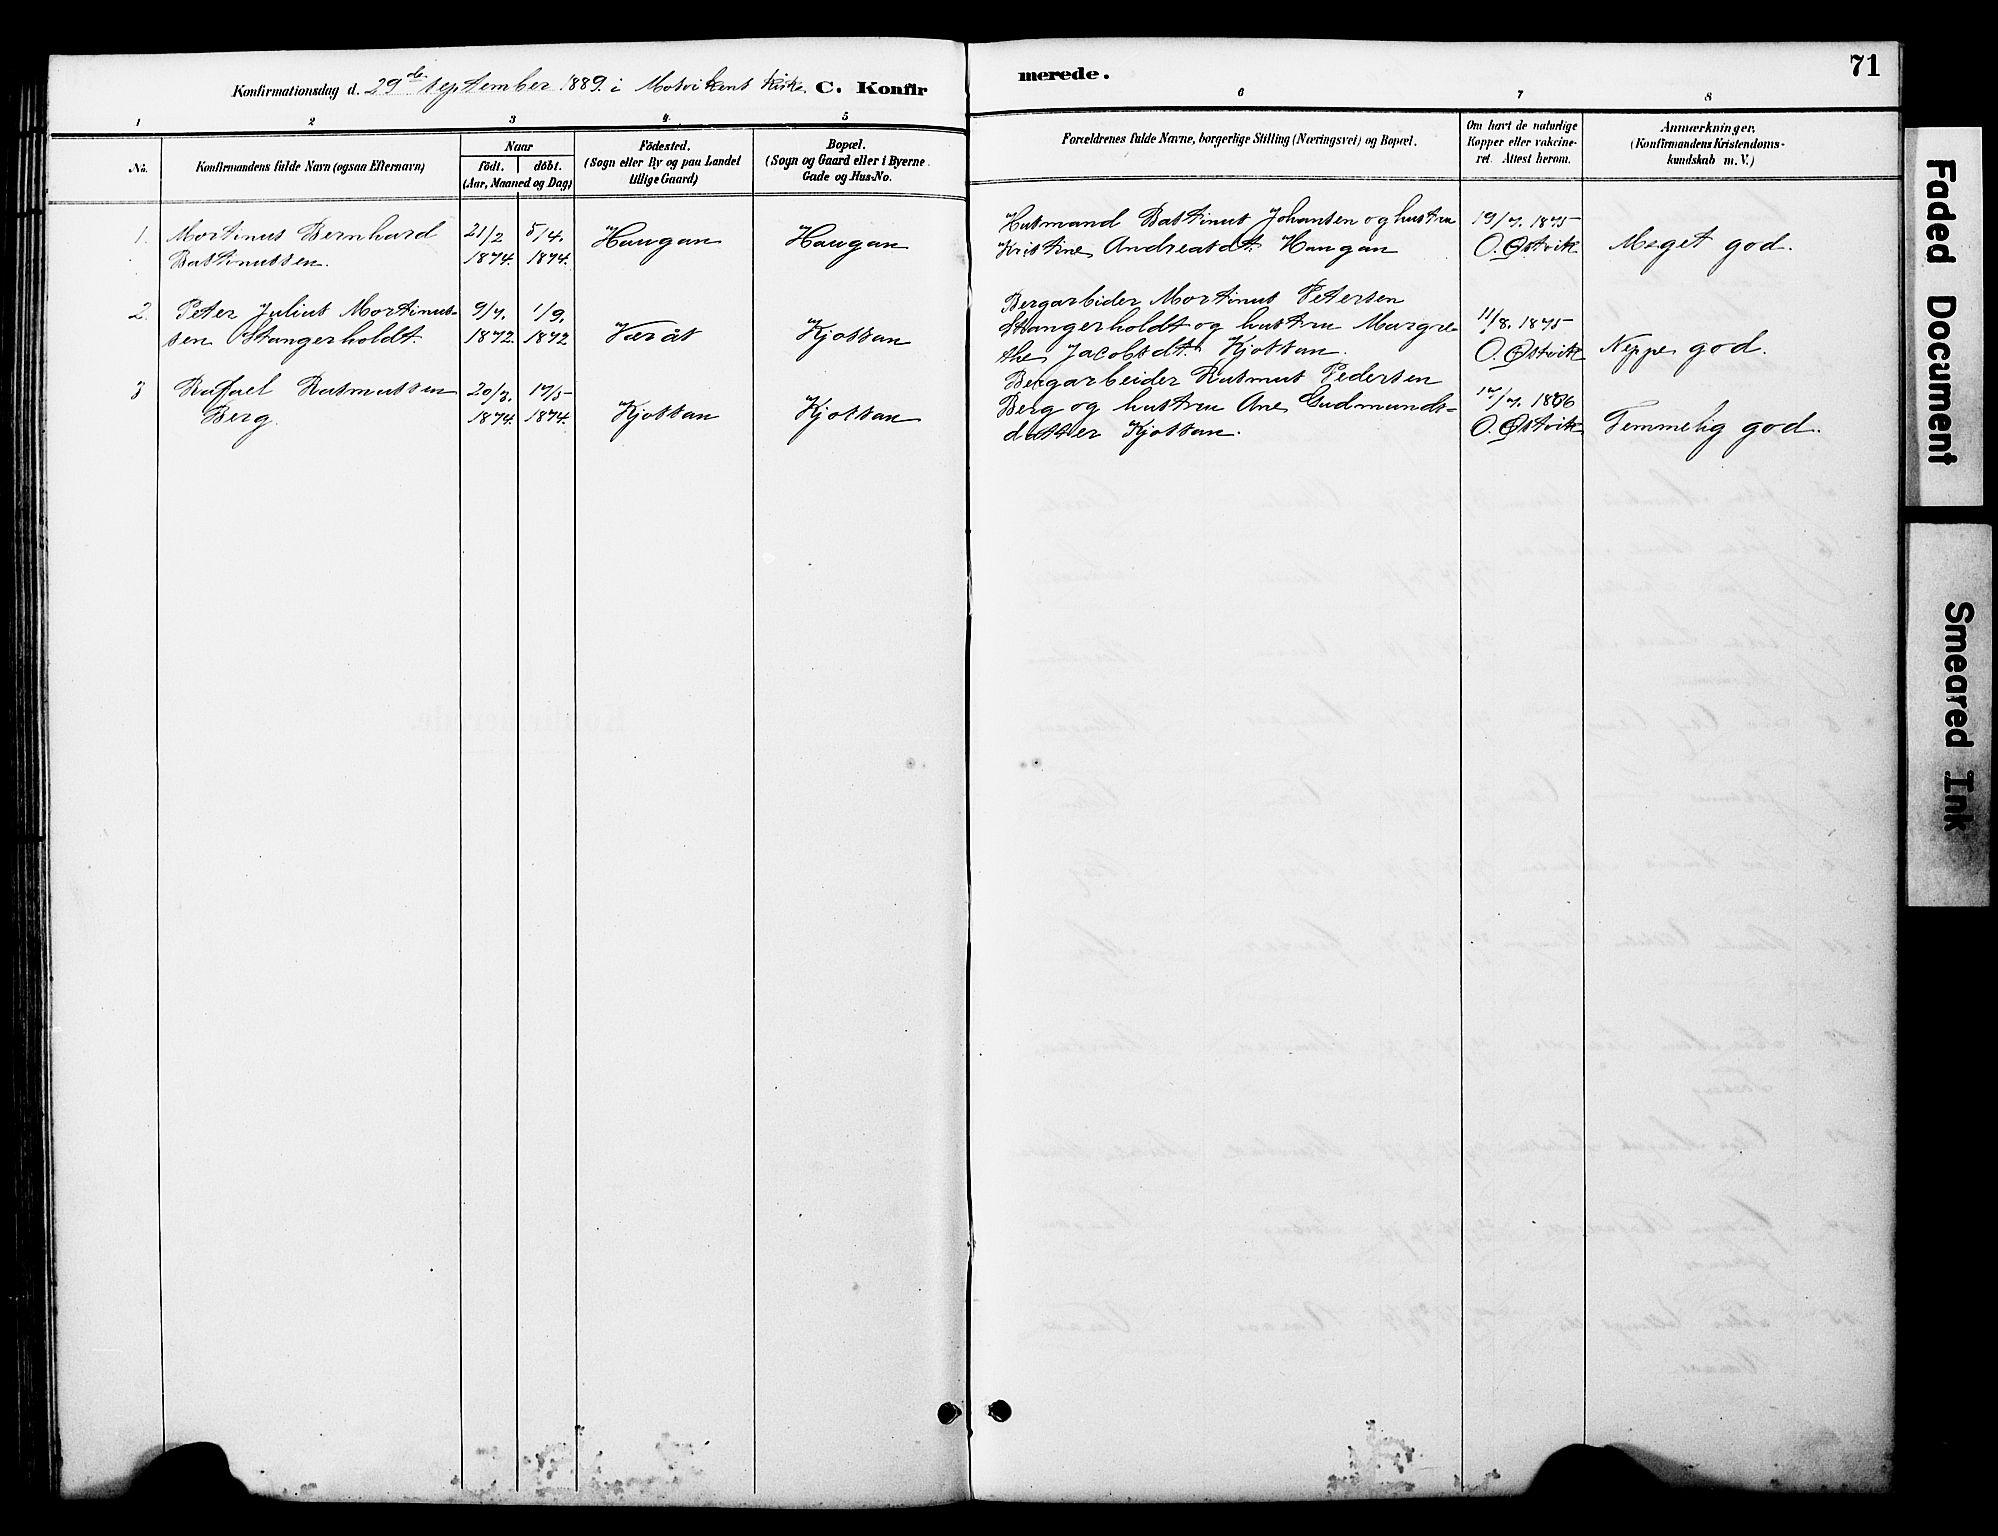 SAT, Ministerialprotokoller, klokkerbøker og fødselsregistre - Nord-Trøndelag, 722/L0226: Klokkerbok nr. 722C02, 1889-1927, s. 71